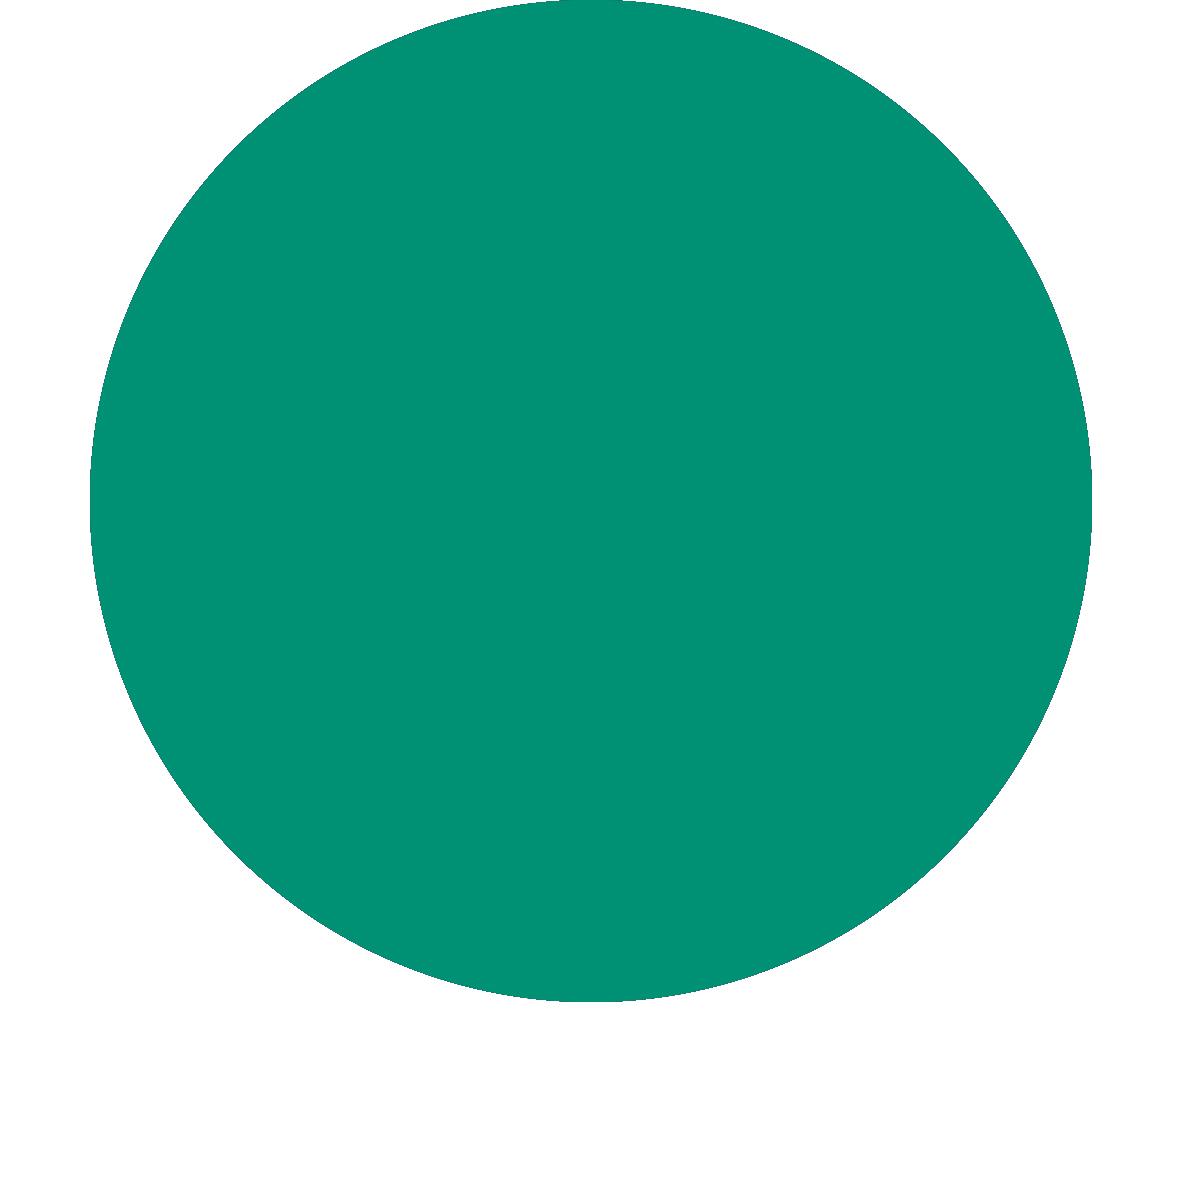 C.I. Green 7(MOL6700) -